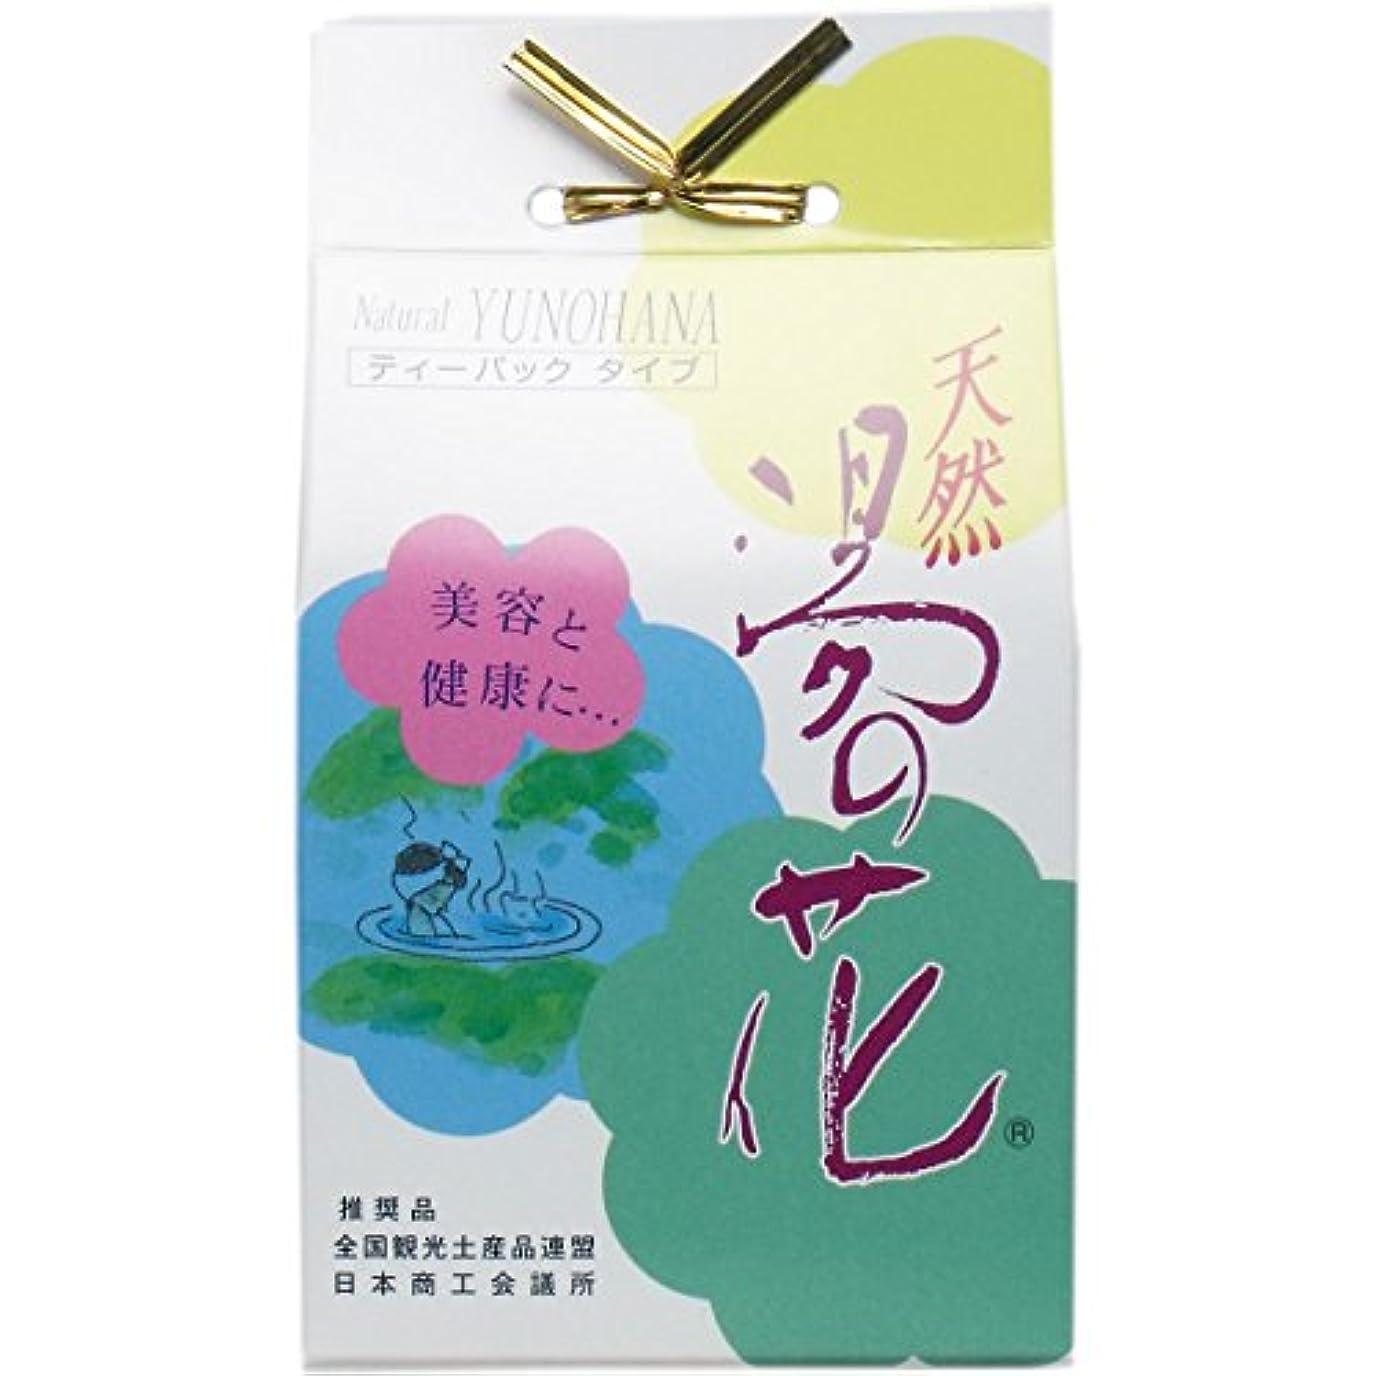 文芸シリンダーストリップ天然湯の花 KTS (15g × 3包)